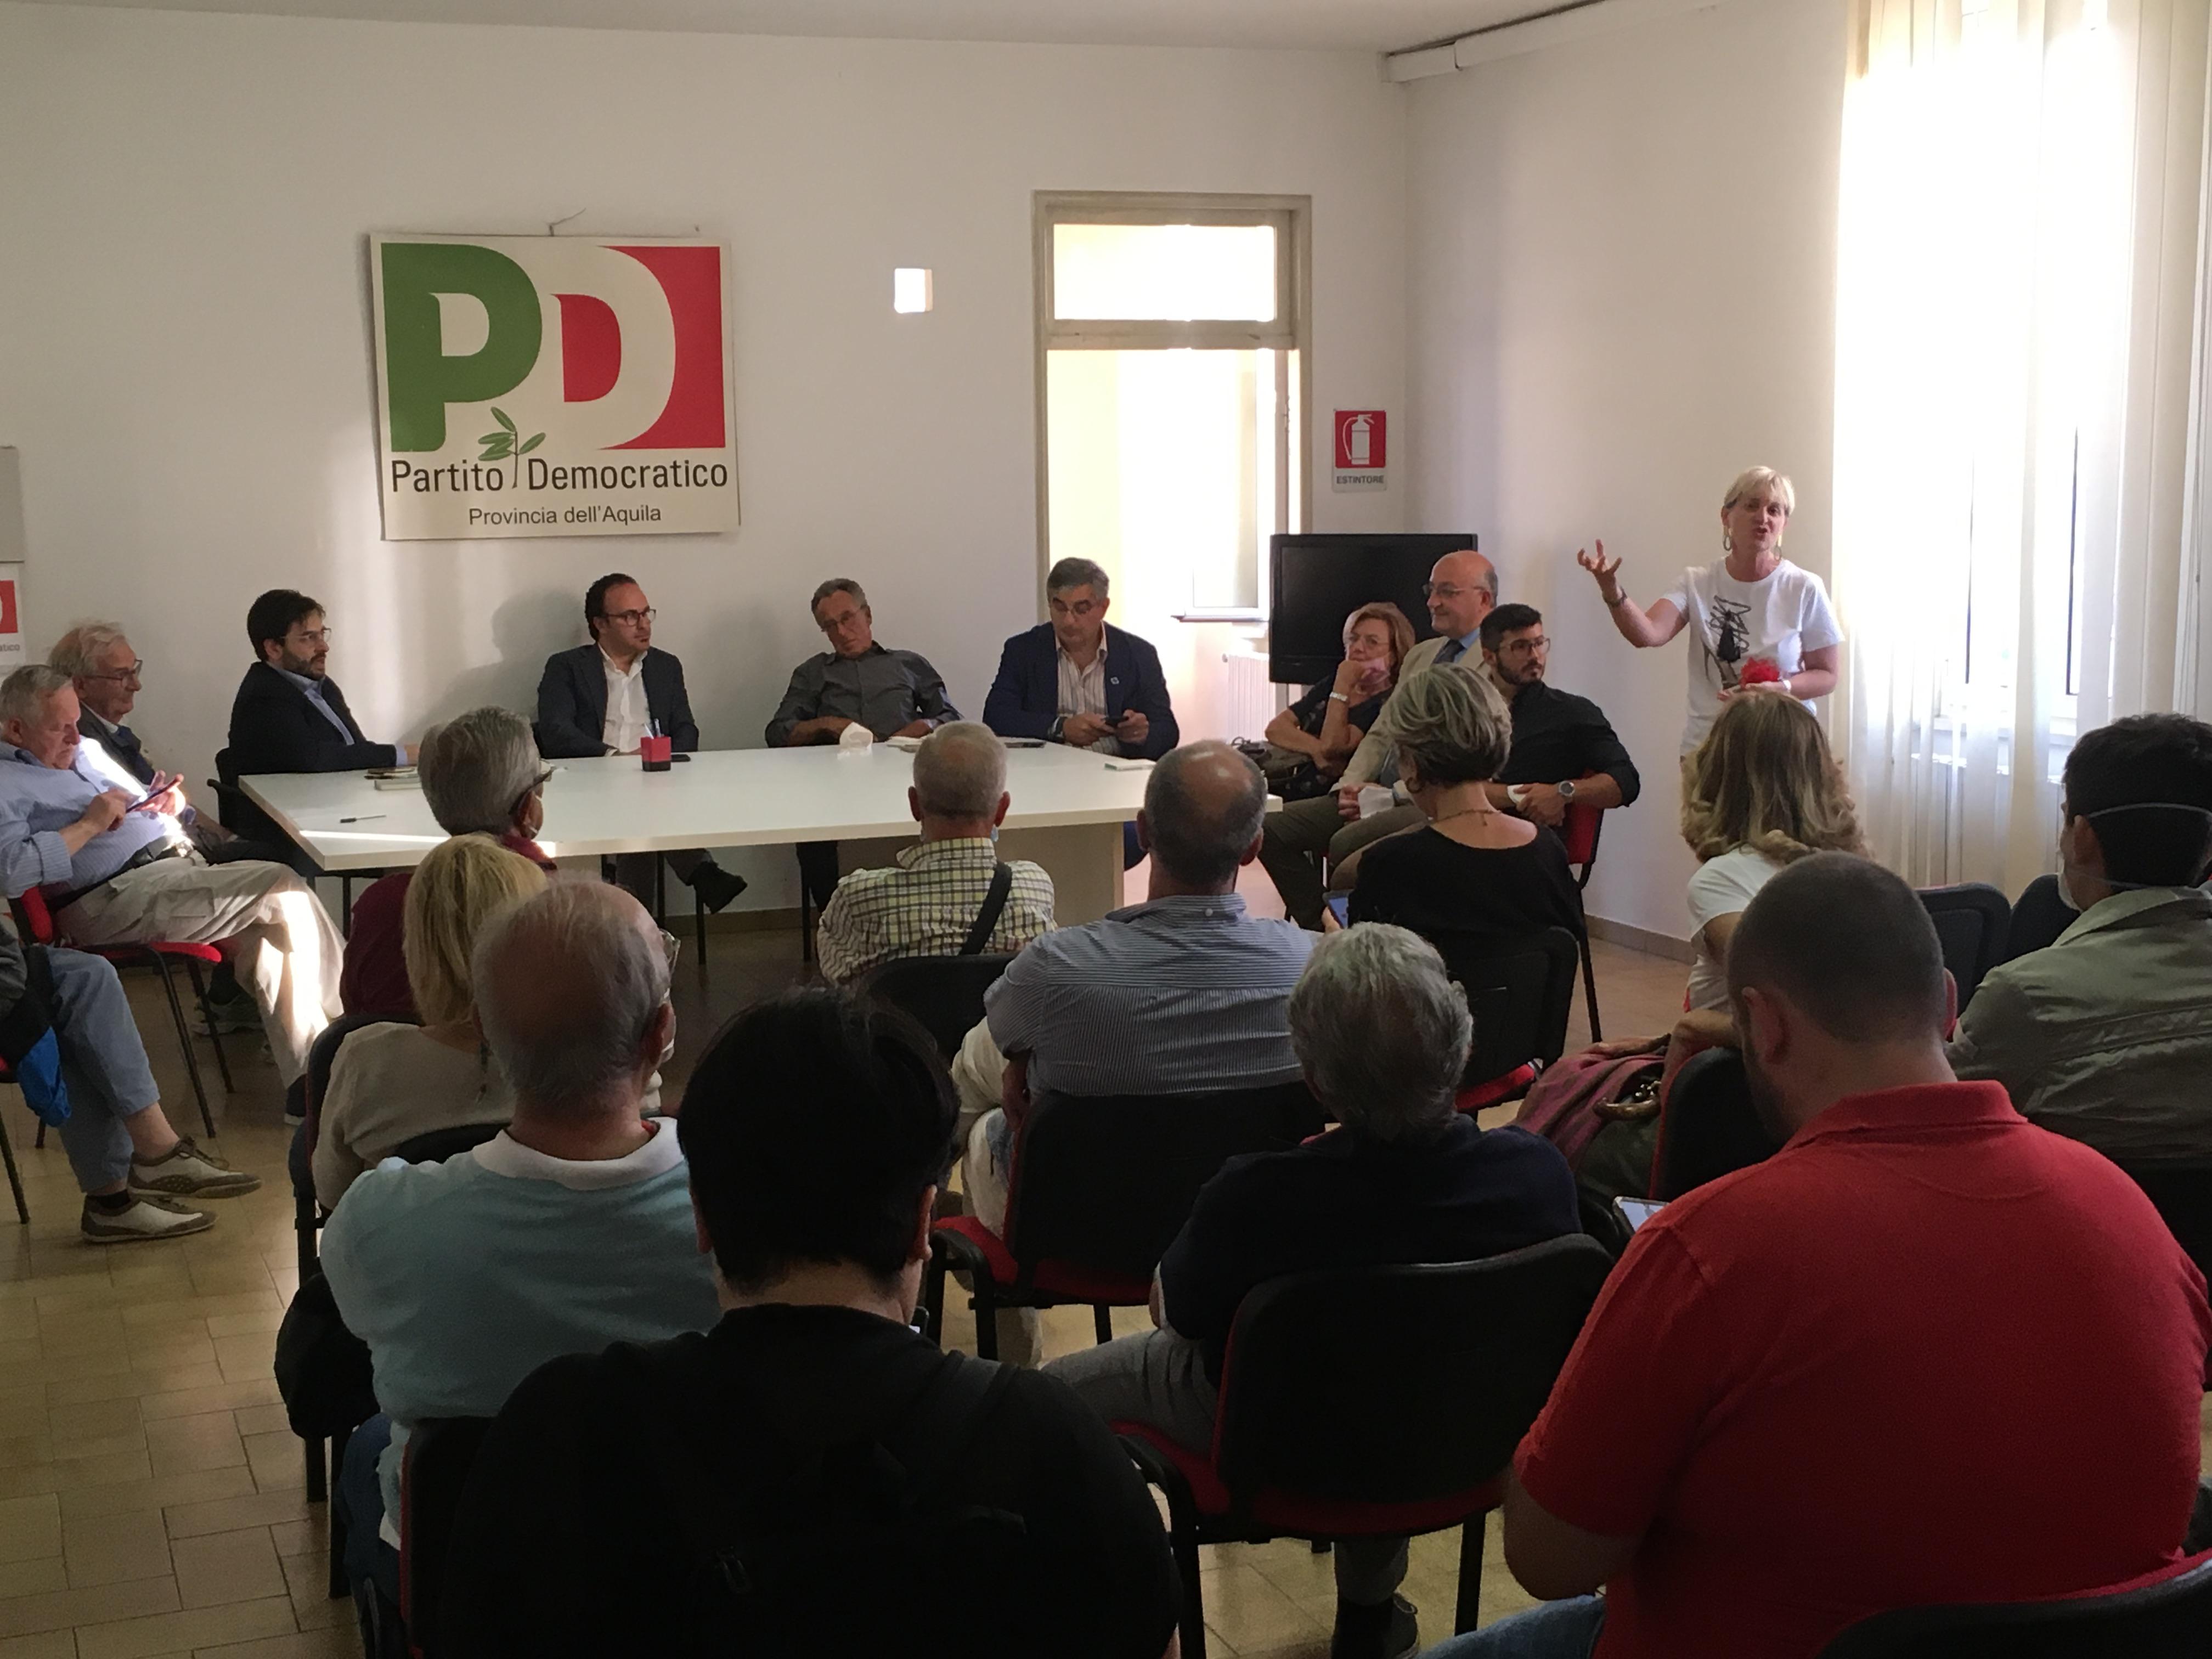 Assemblea del PD: ufficiale accordo con coalizione civica dell'Avv. Babbo